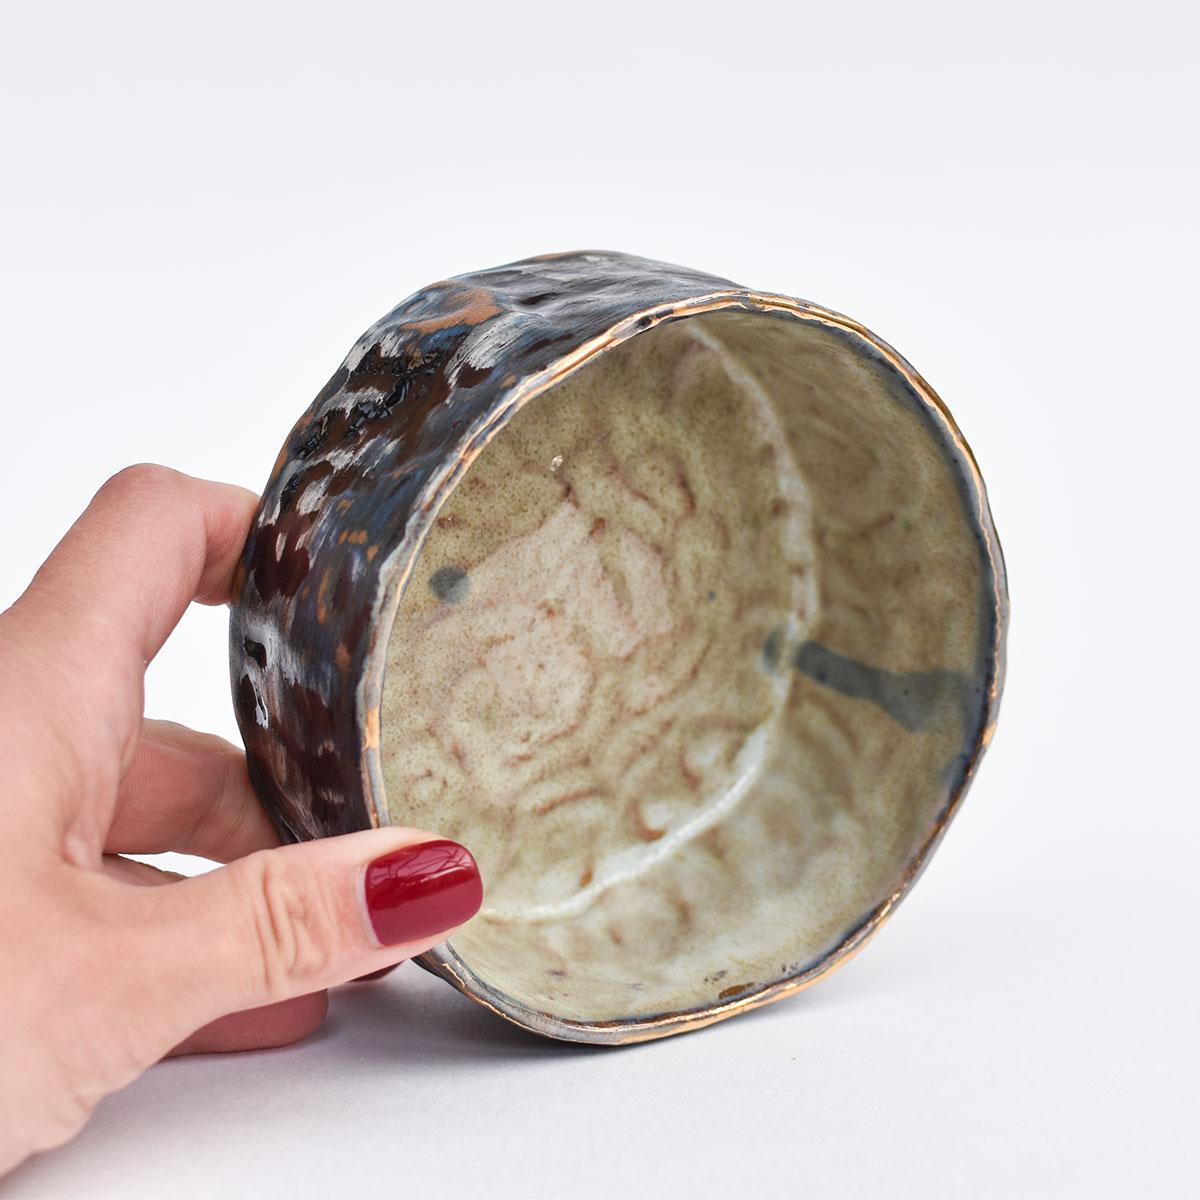 картинка Лепная плошка Юрия Пересады 7 - DishWishes.Ru